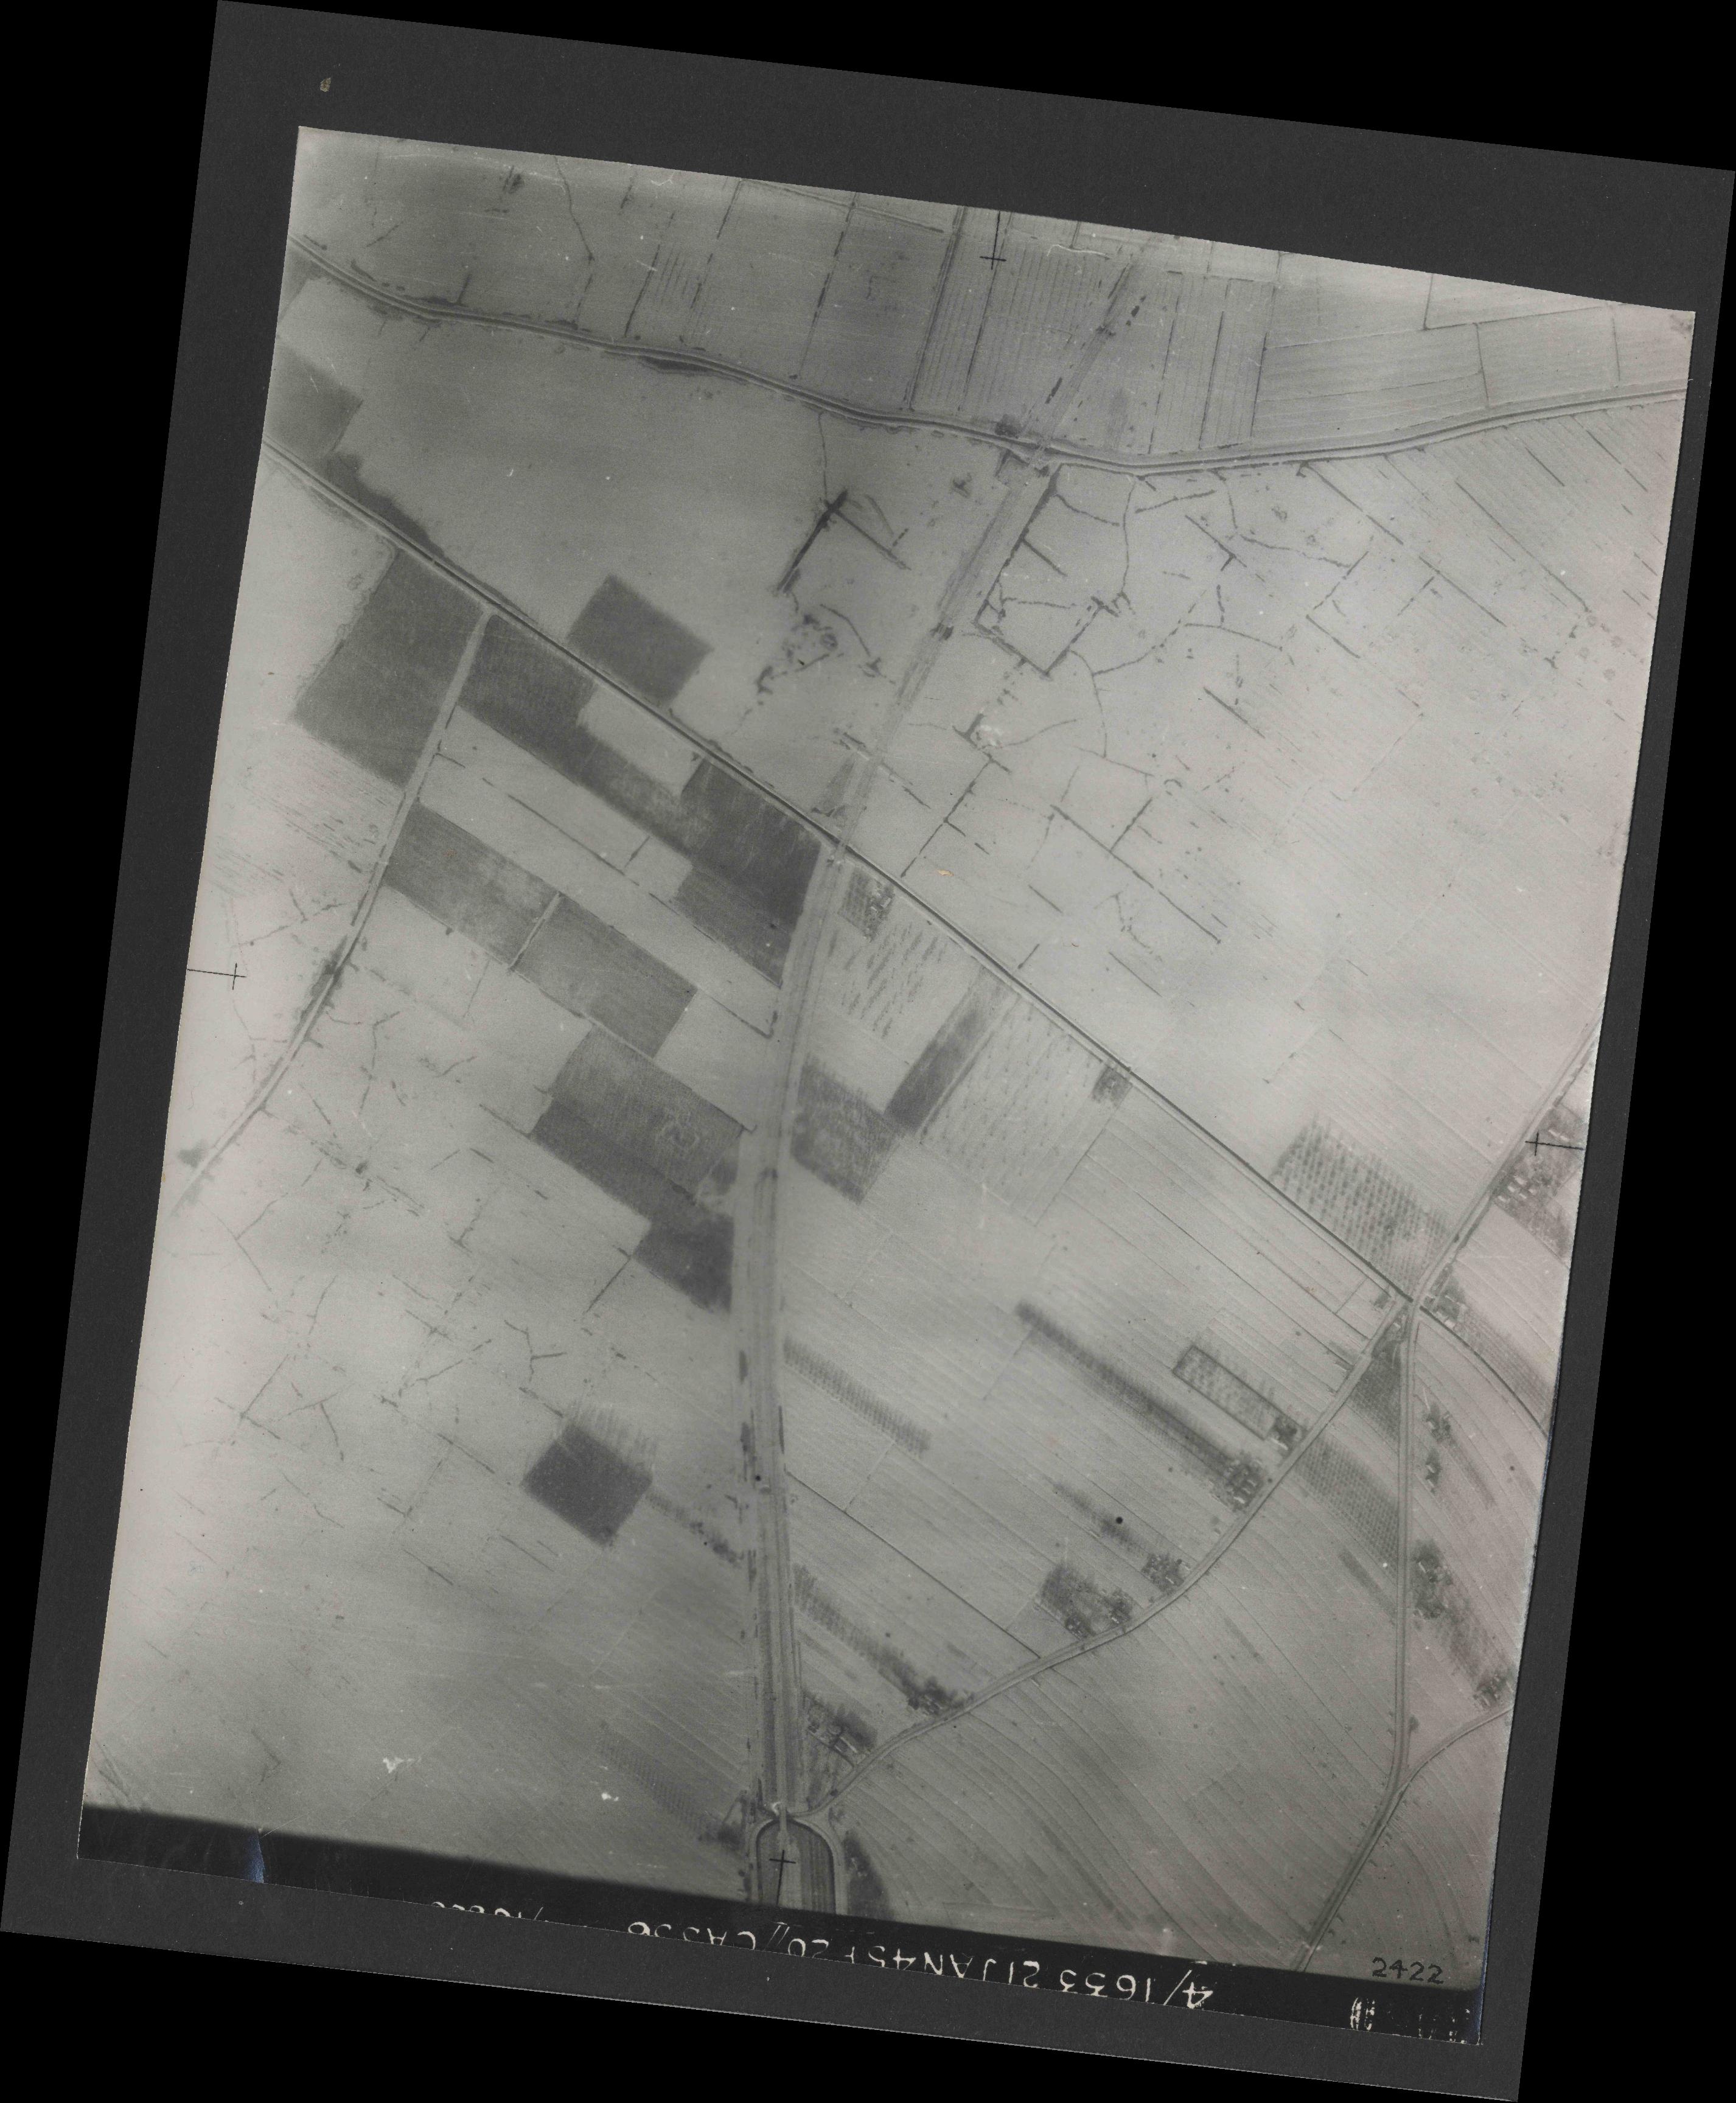 Collection RAF aerial photos 1940-1945 - flight 202, run 05, photo 3050